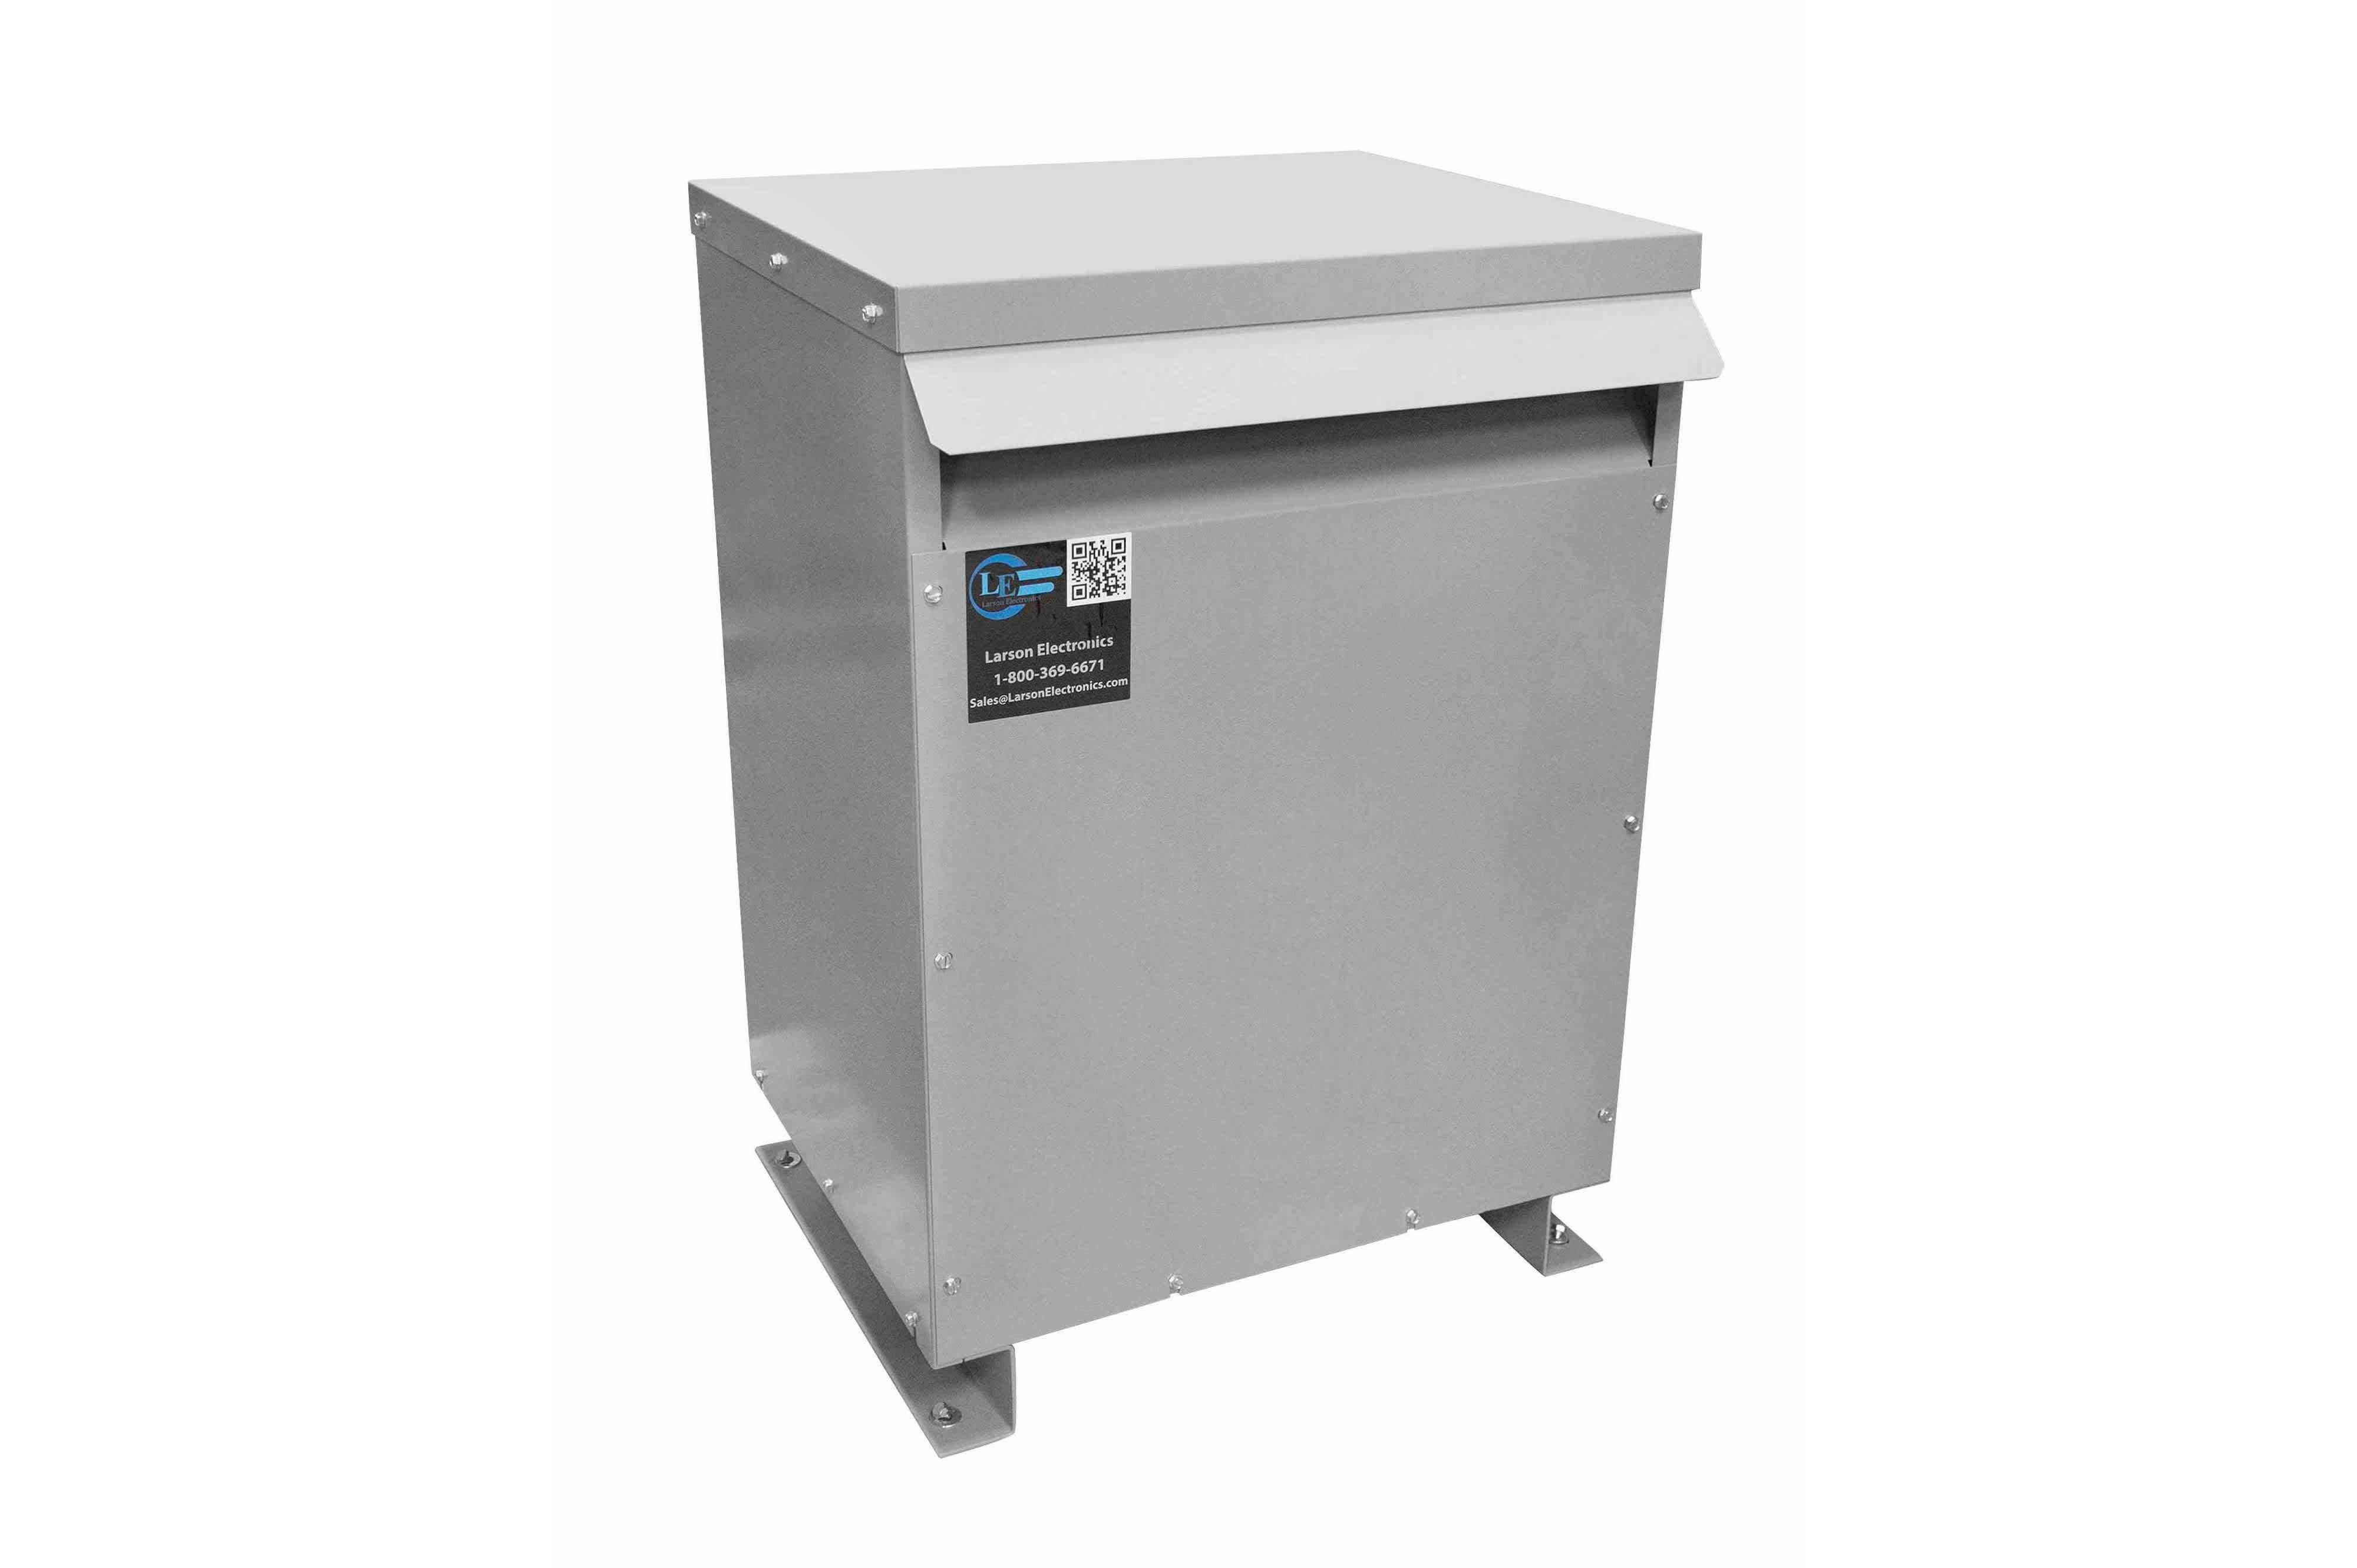 110 kVA 3PH Isolation Transformer, 240V Delta Primary, 600V Delta Secondary, N3R, Ventilated, 60 Hz